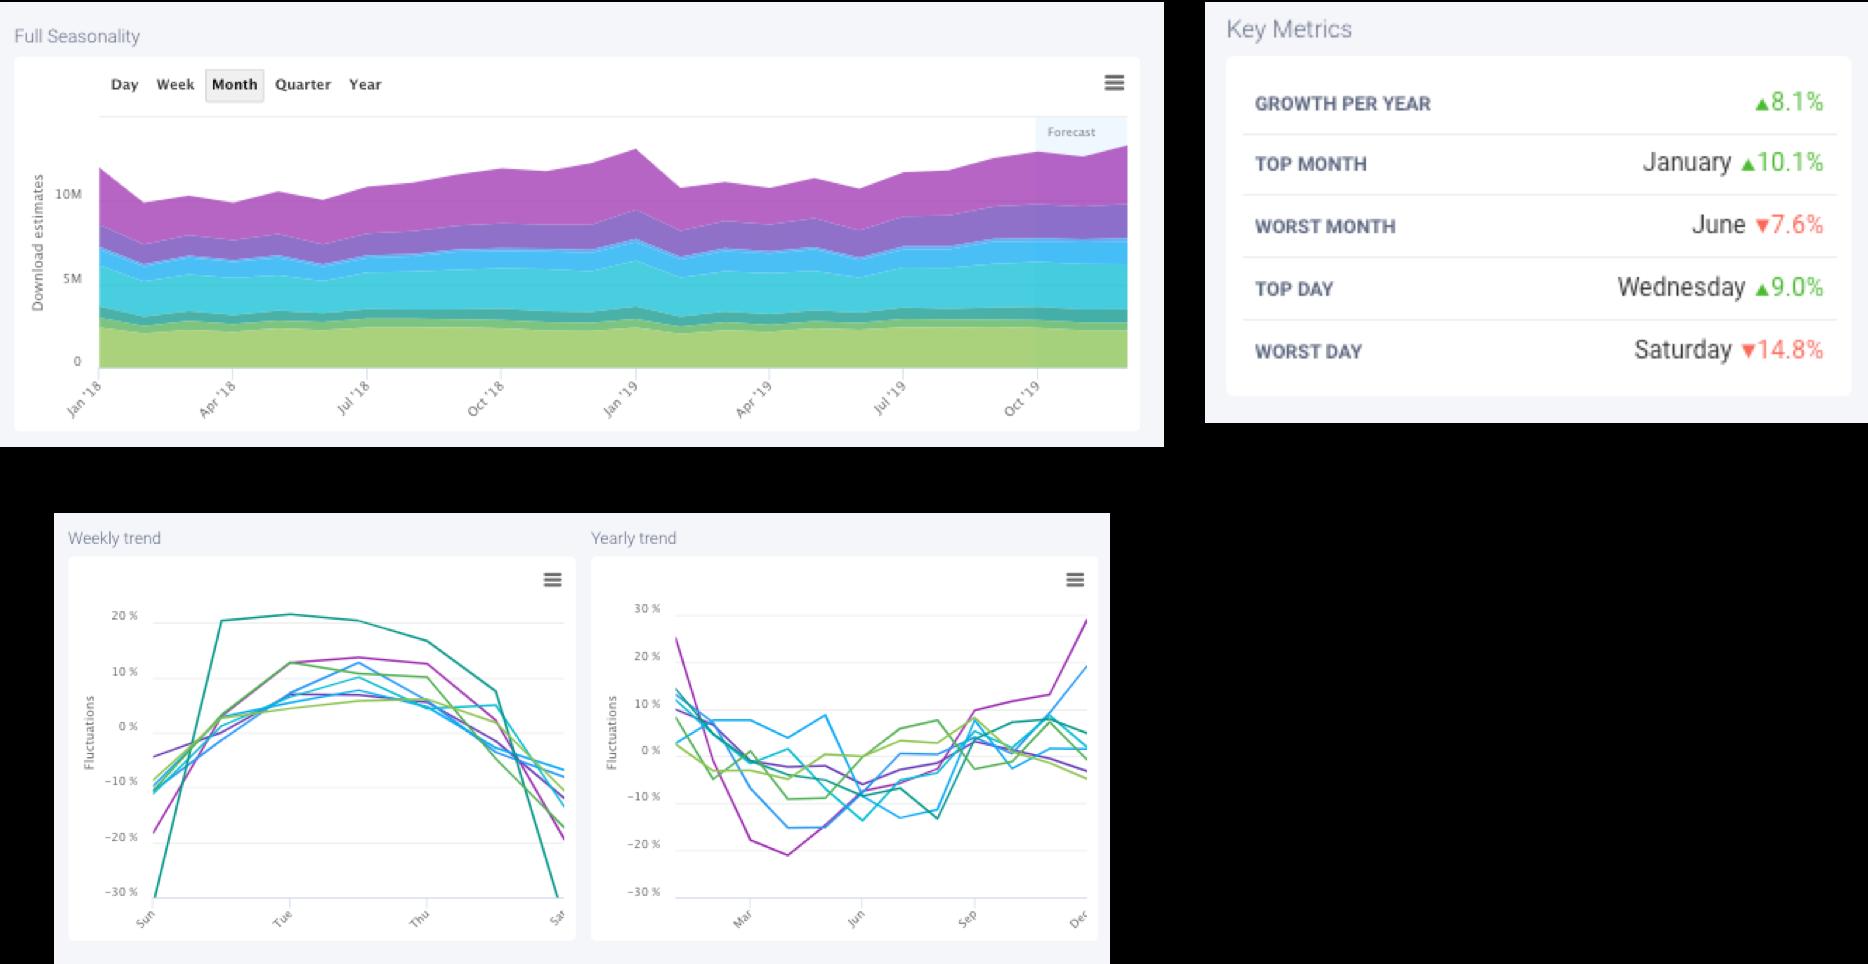 AppTweak Market Intelligence -The seasonality of the Finance Category in the EU